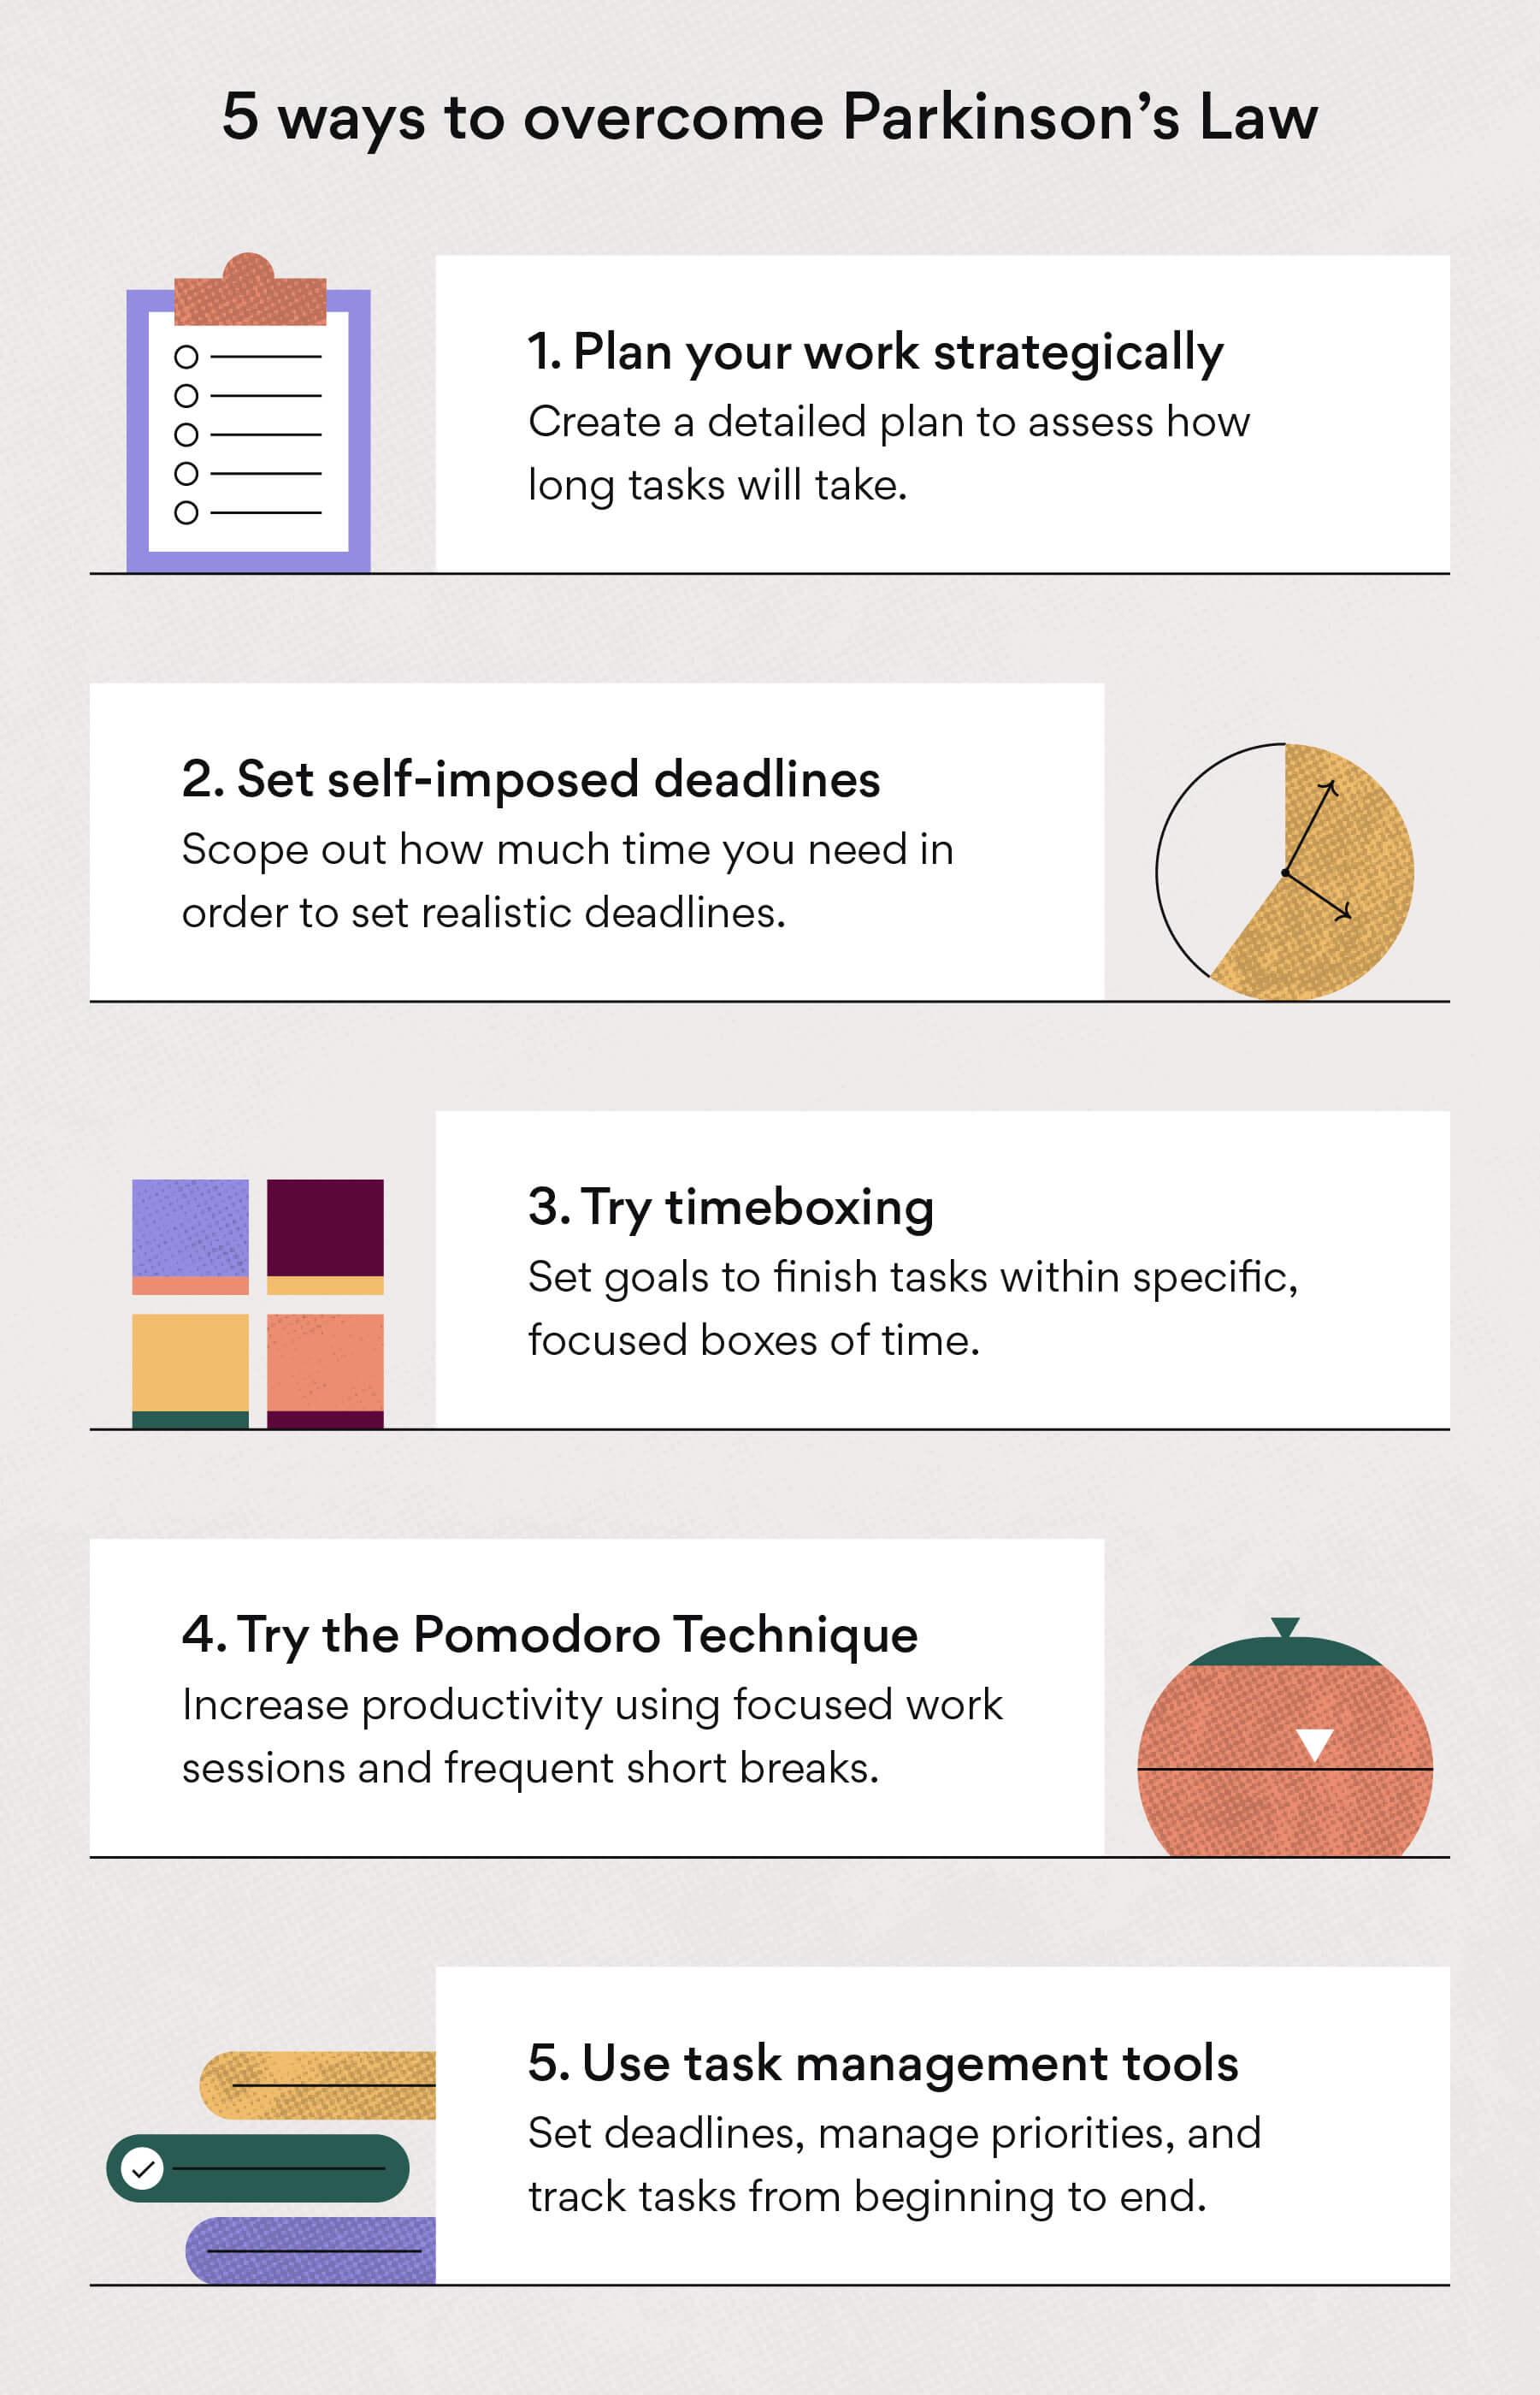 5 formas de combatir la Ley de Parkinson